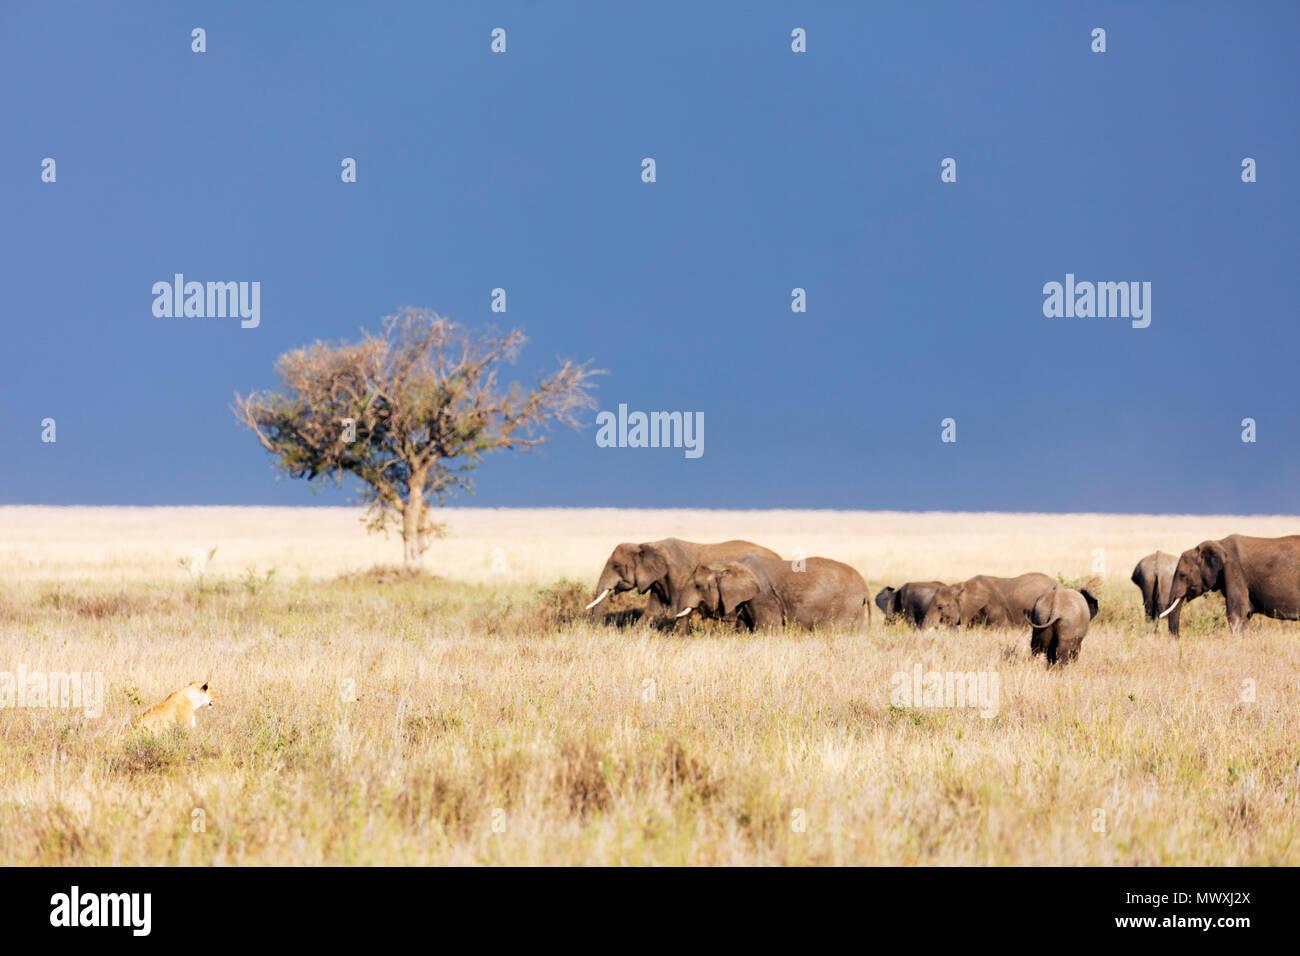 Leonessa (Panthera leo) e dell' elefante africano (Loxodonta africana), il Parco Nazionale del Serengeti, Sito Patrimonio Mondiale dell'UNESCO, Tanzania, Africa orientale, Africa Immagini Stock